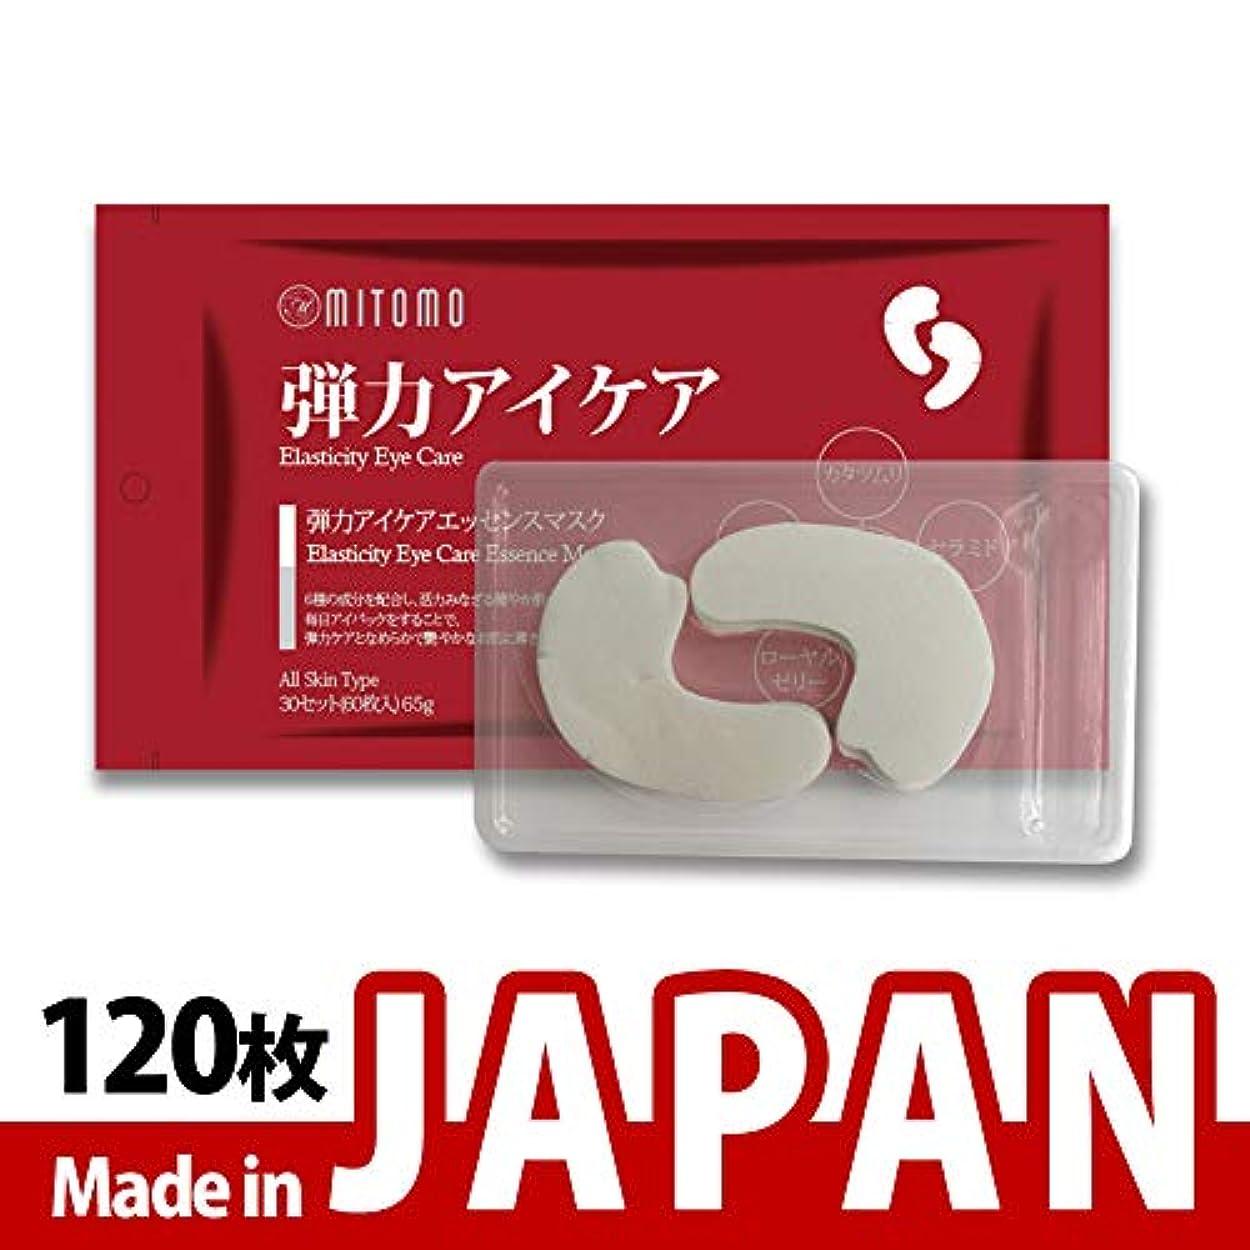 君主制品揃え地獄MITOMO【MC005-B-0】日本製シートマスク/60枚入り/120枚/美容液/マスクパック/送料無料